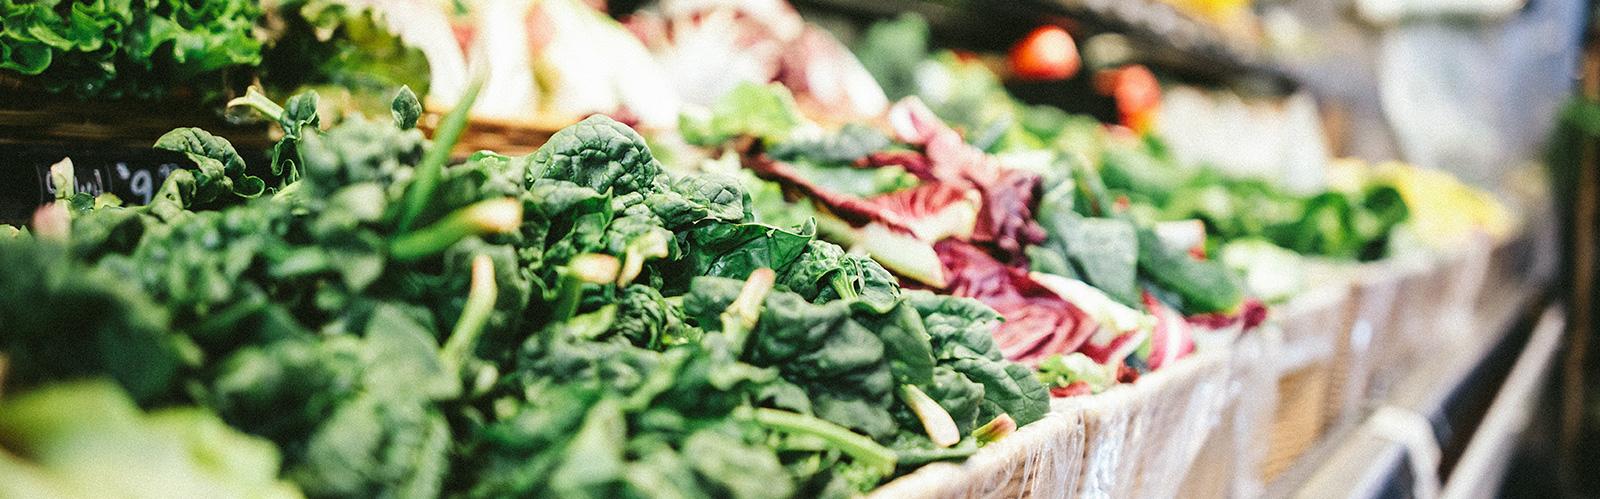 Imagen Vegetales